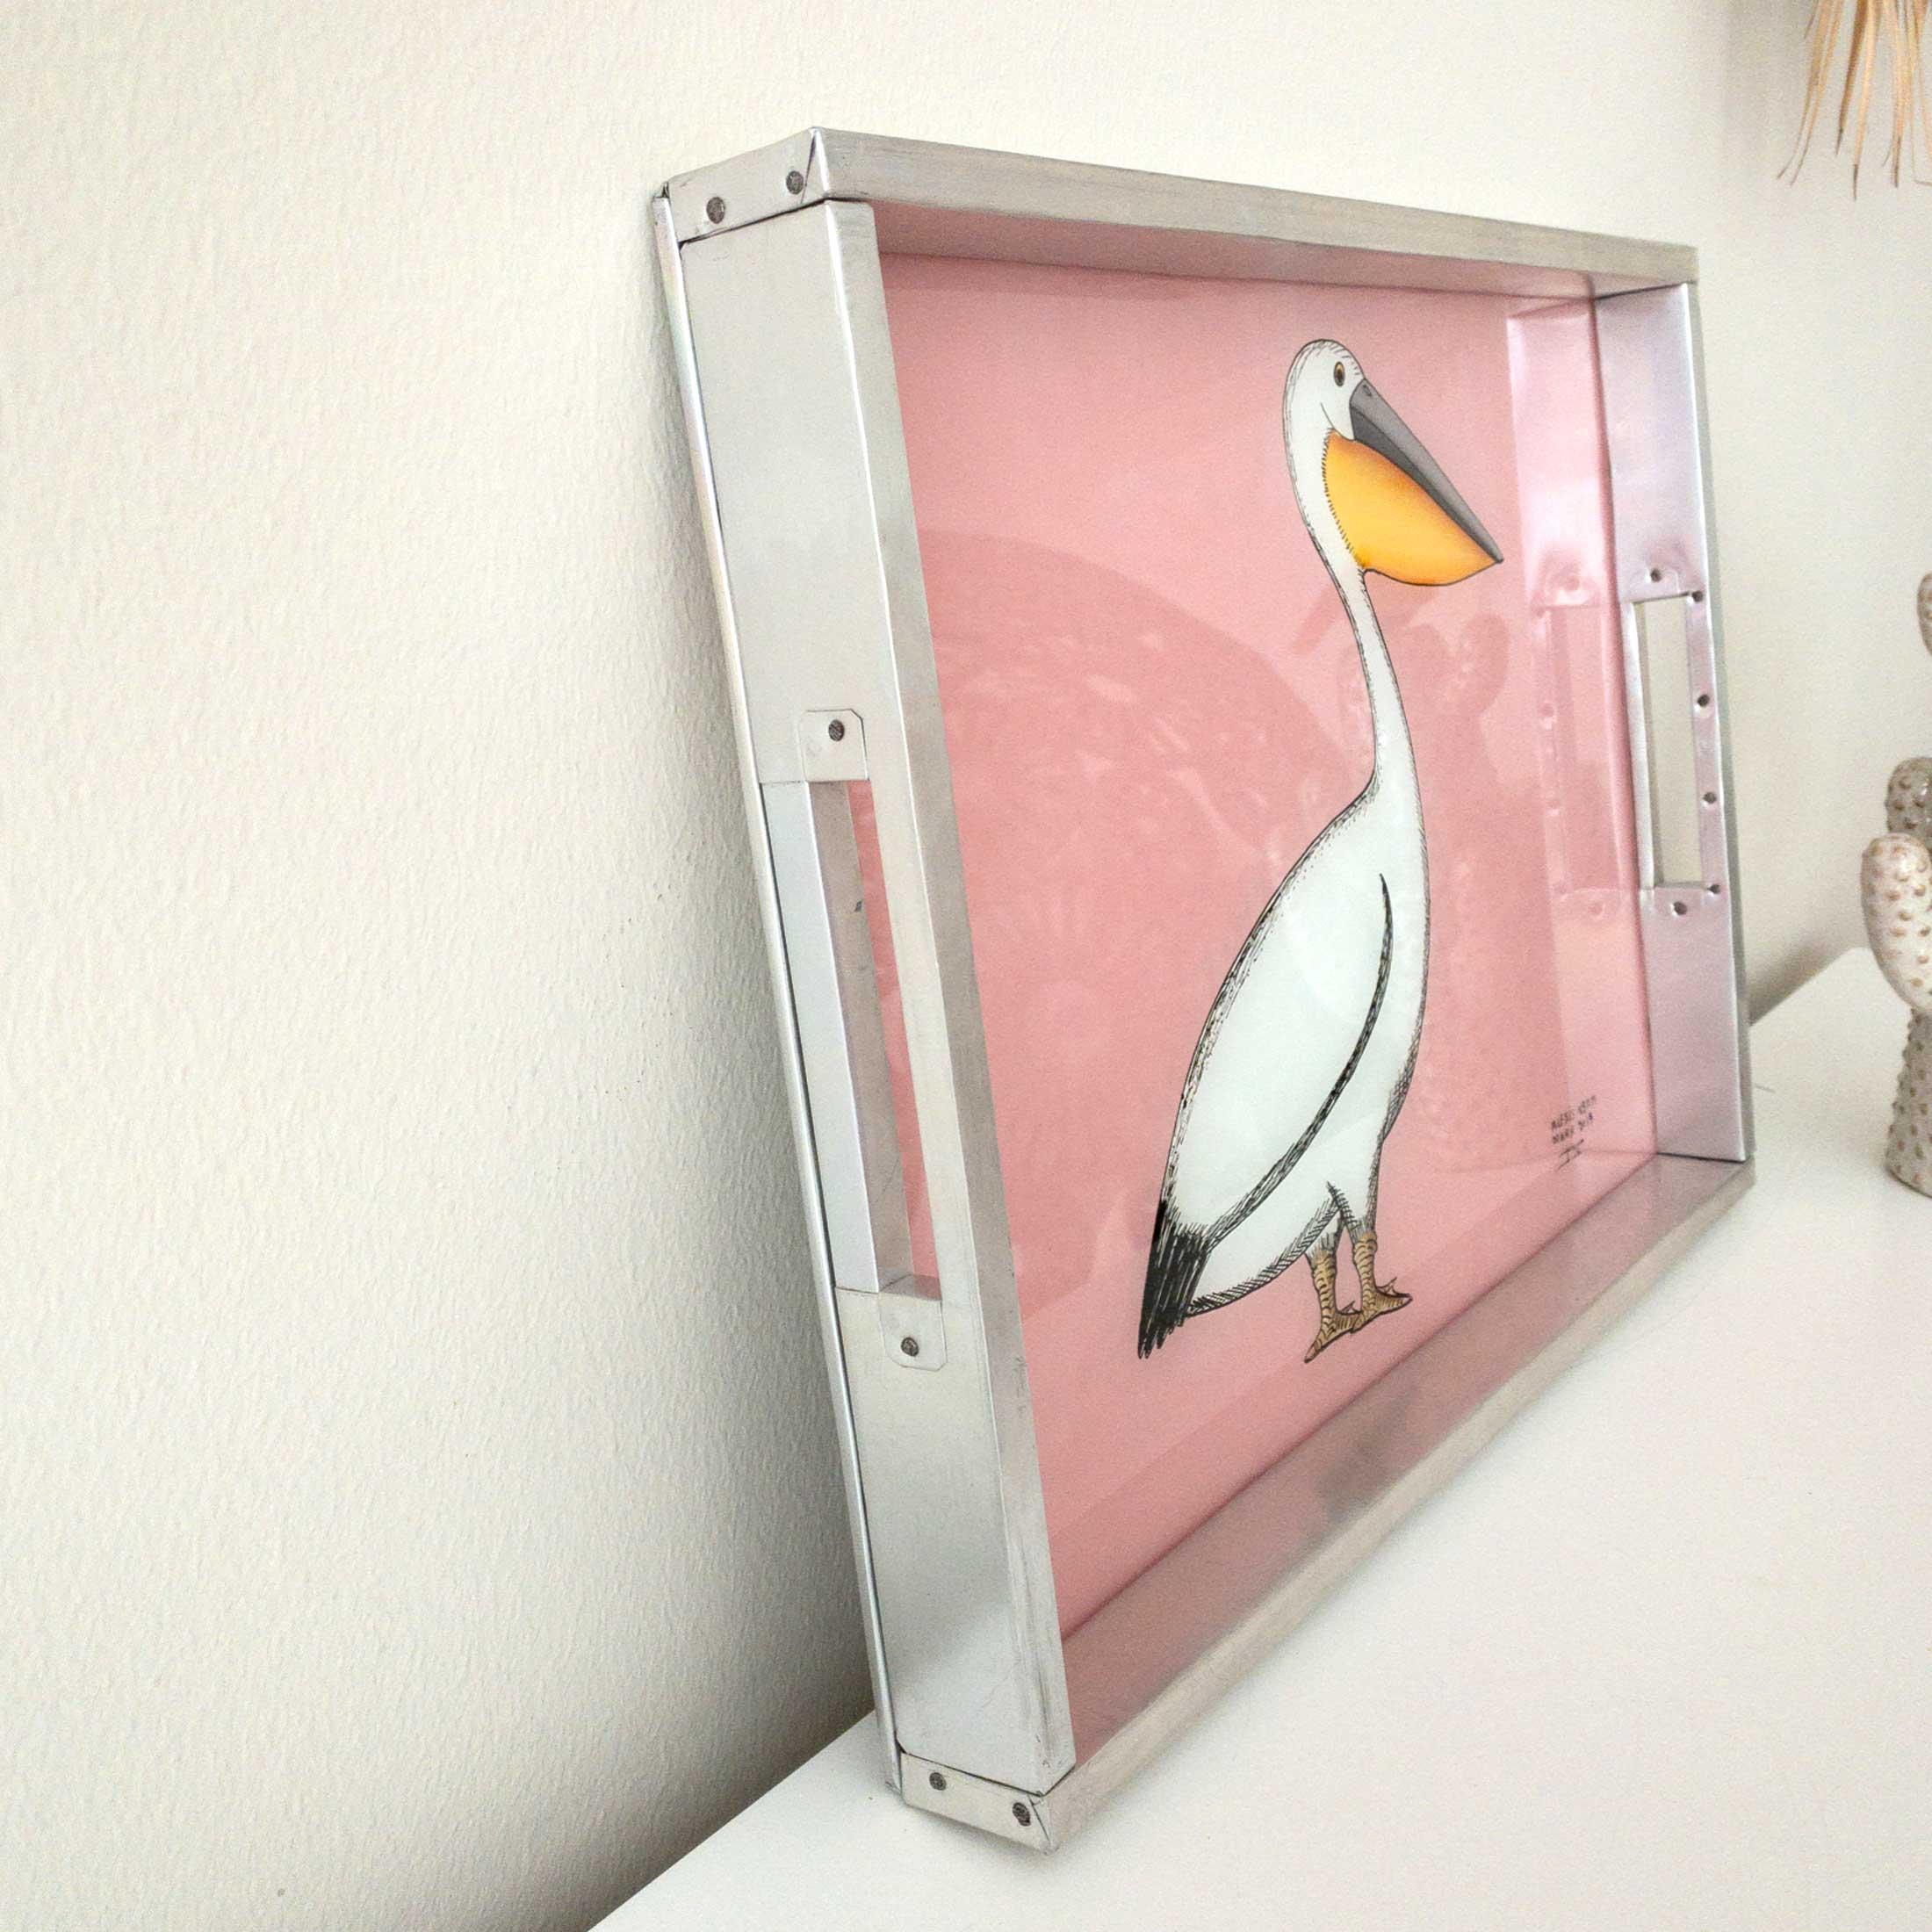 Leichtes Tablett aus Afrika mit Pelikan als Hinterglas-Malerei. Das Dekotablett im Ibiza Stil besteht aus Aluminium und Glas, Hinterglasmalerei